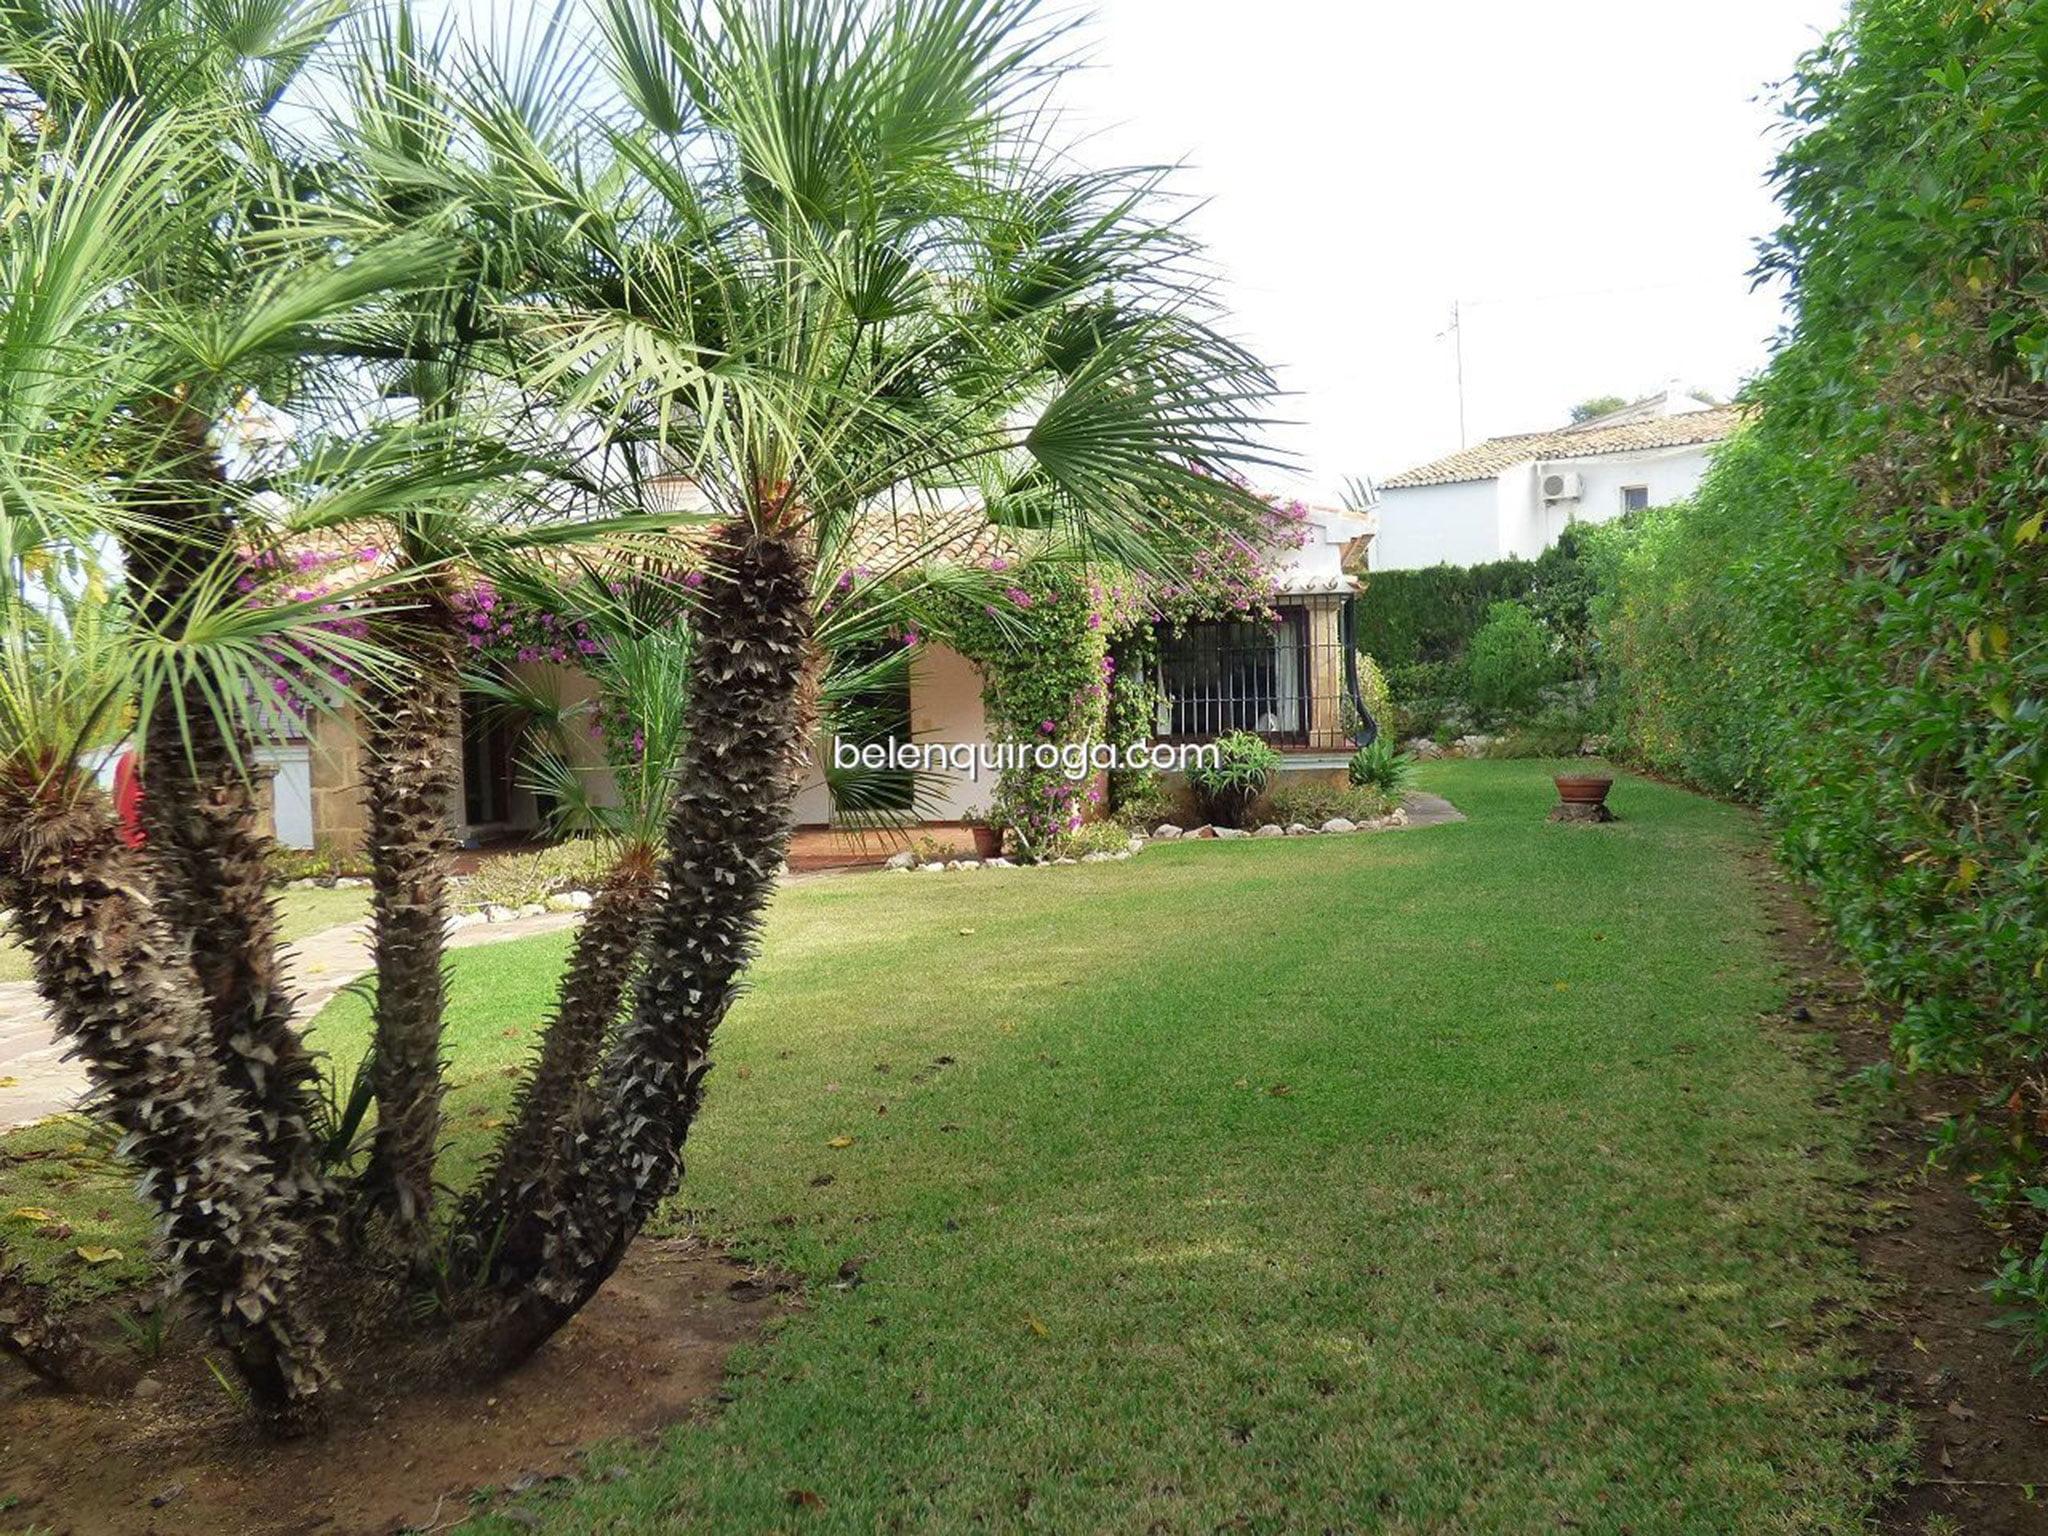 Jardín de un chalet en venta en Jávea – Inmobiliaria Belen Quiroga